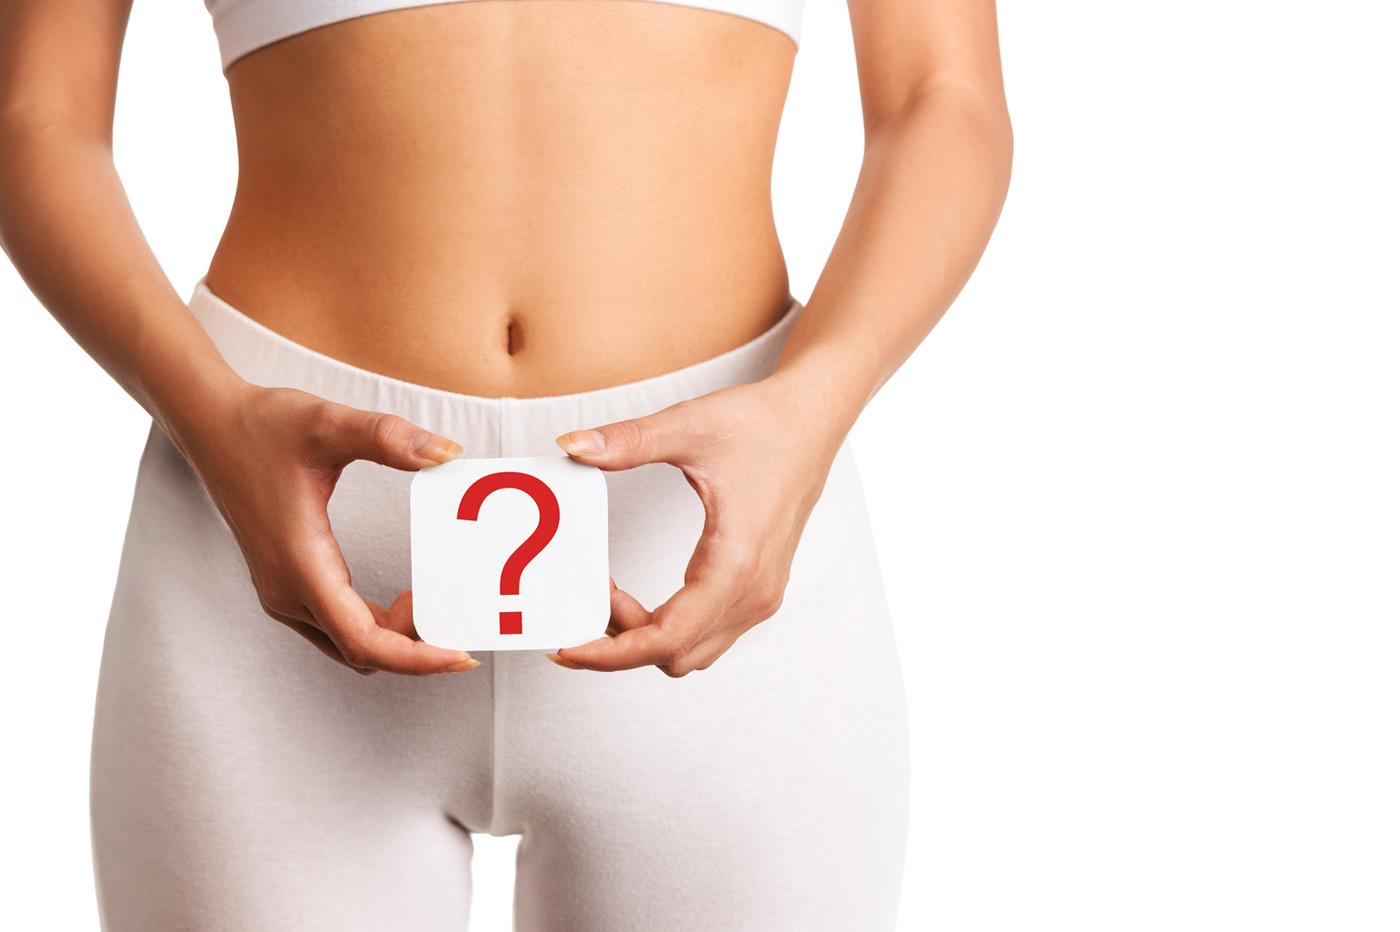 ¿Cuáles son los síntomas de embarazo?